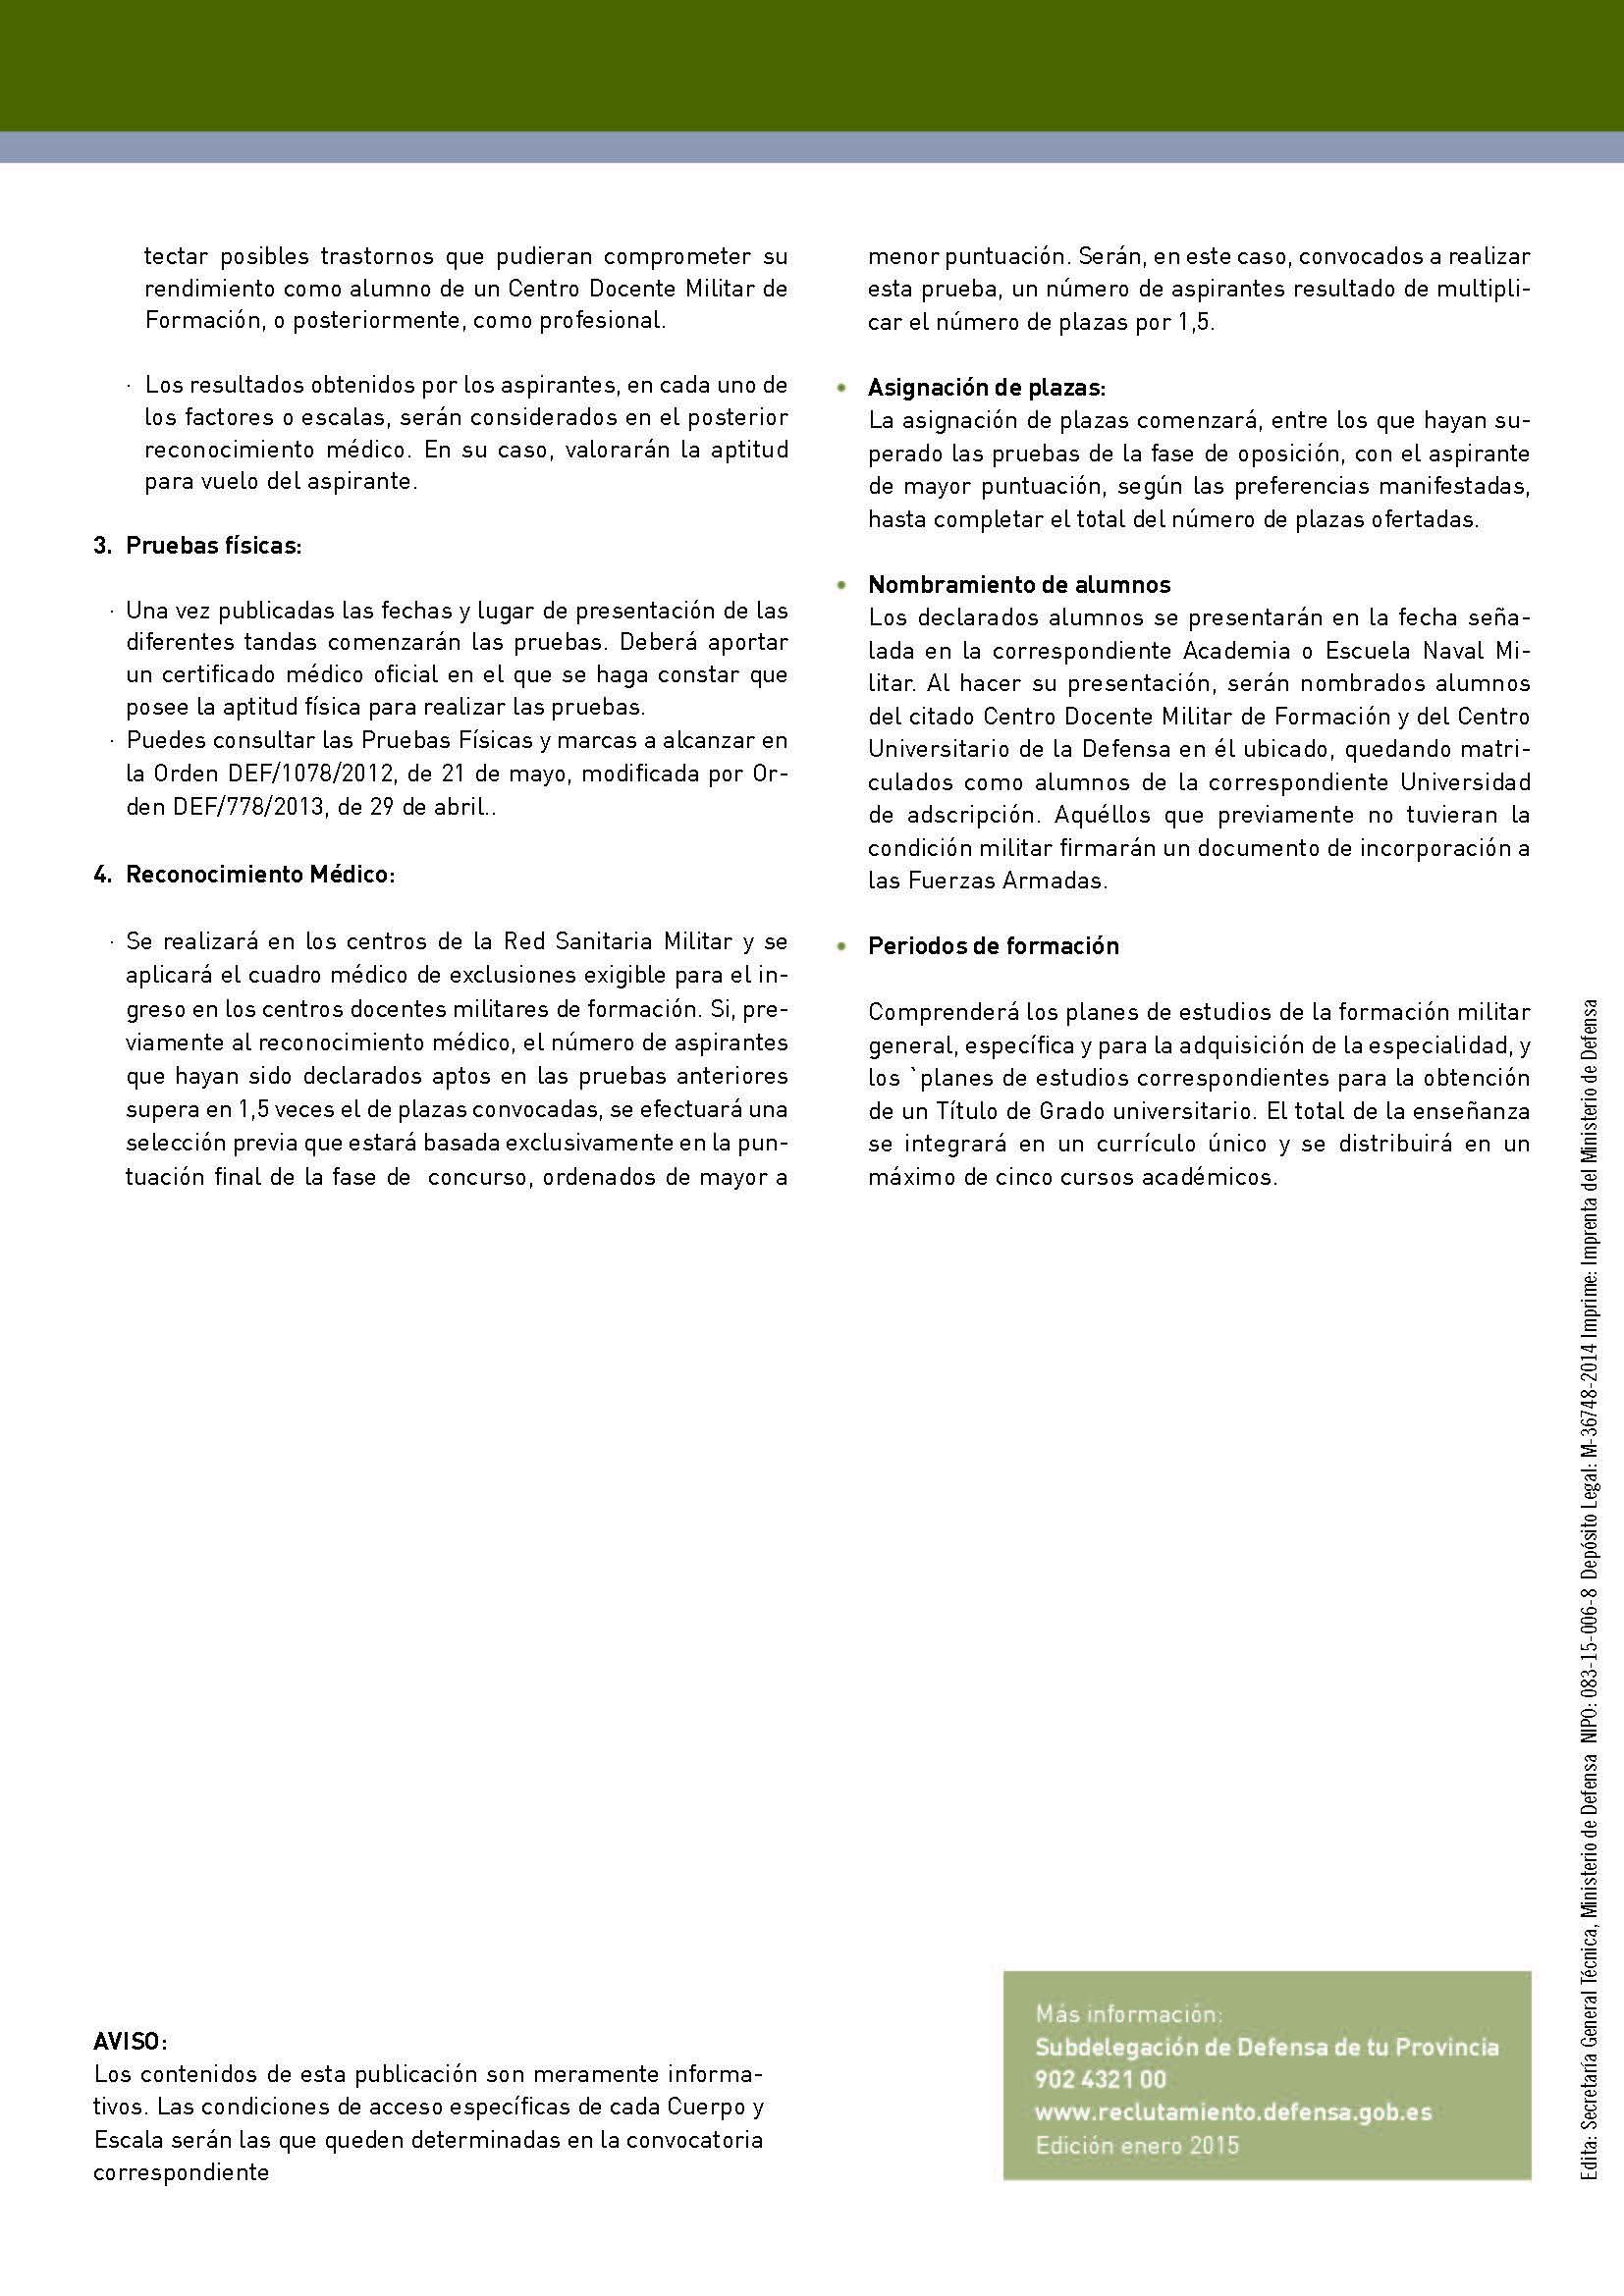 normas fisicas   sermilitar.com - Acceso a Escalas de Oficiales ...